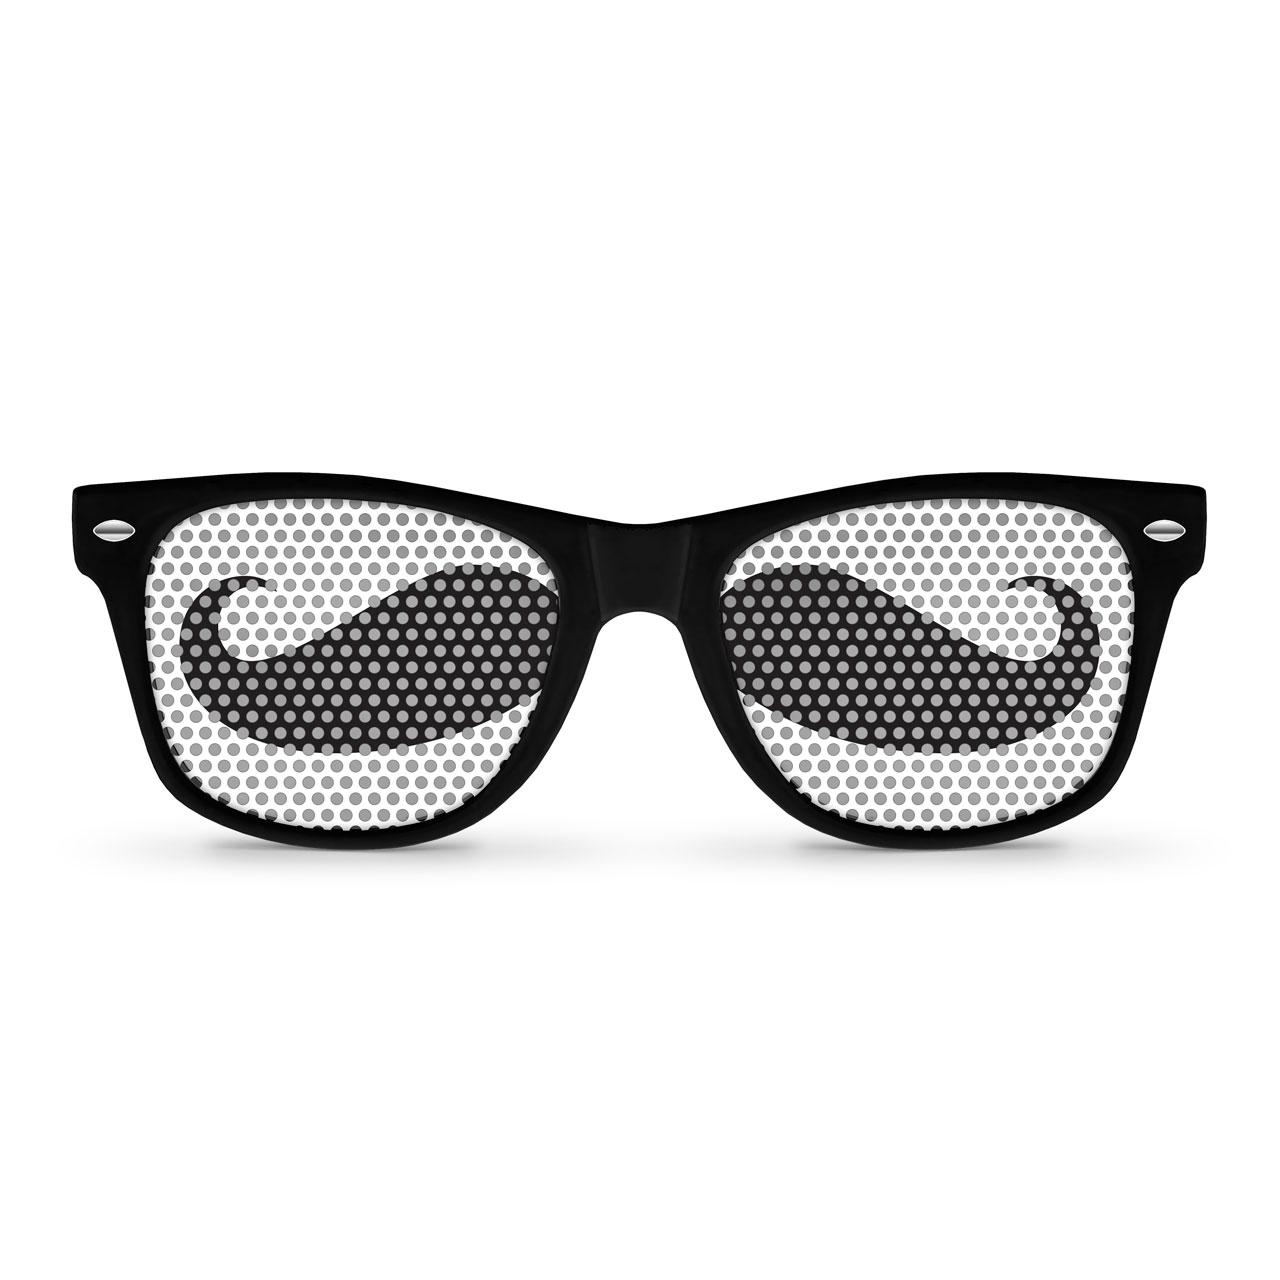 01d4f7da27c Eyepster  MUSTACHE Black Wayfarer by Eyepster. WF-BLK-MUSTACHE